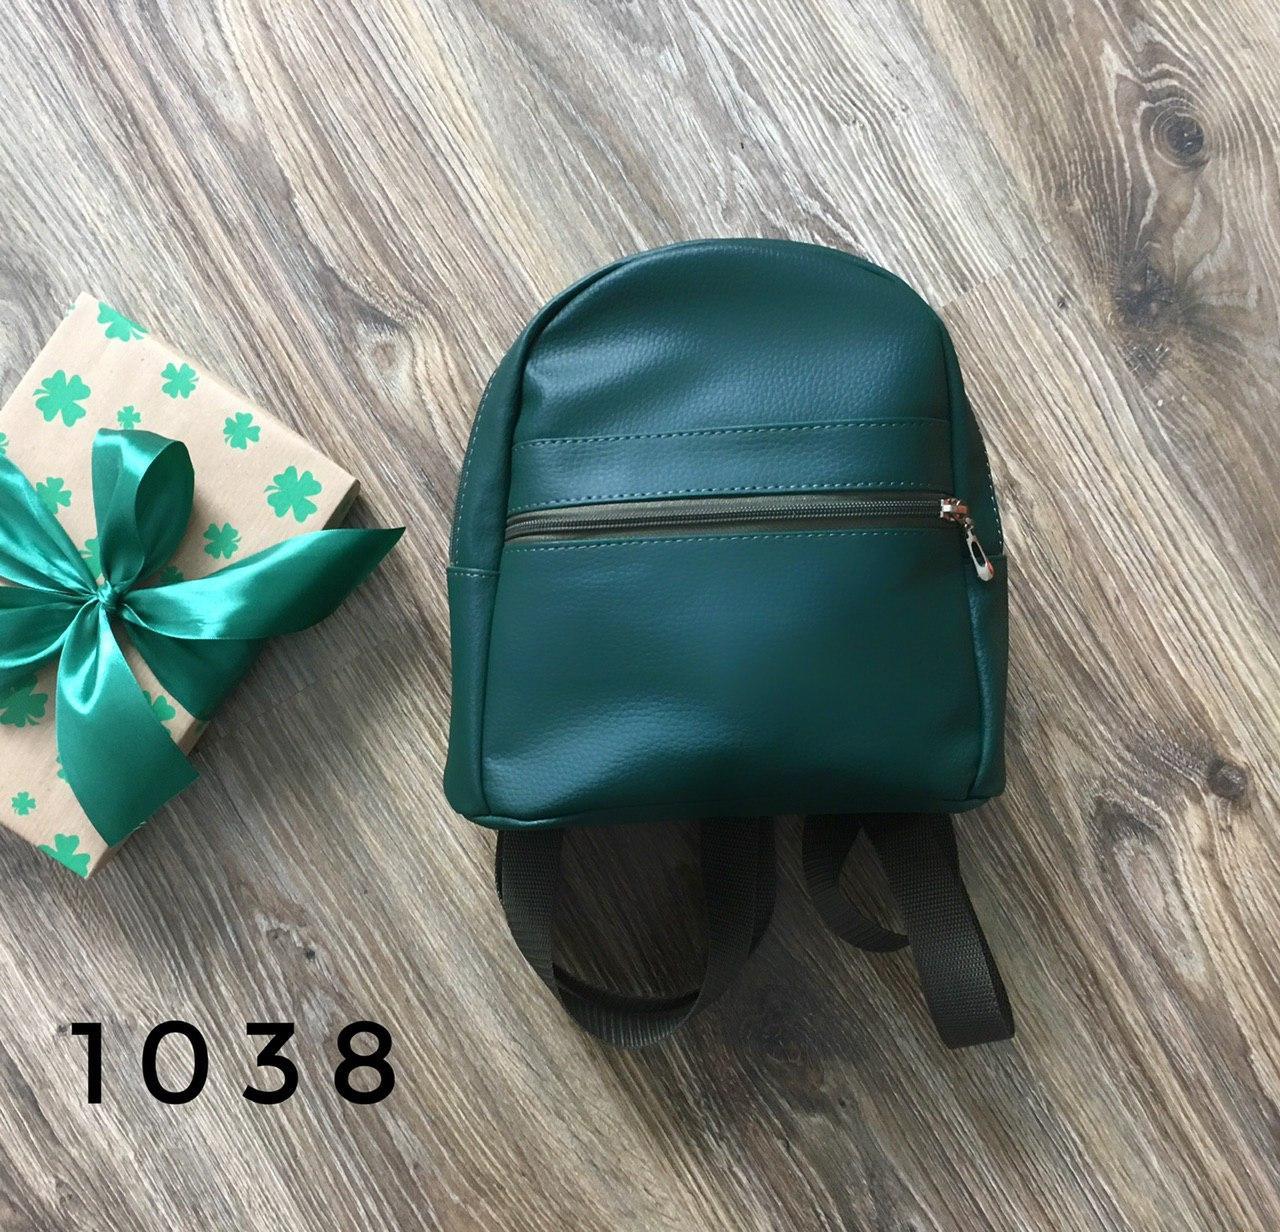 Женский рюкзак маленький  зелёный эко-кожа ЕСТЬ РАЗНЫЕ ЦВЕТА